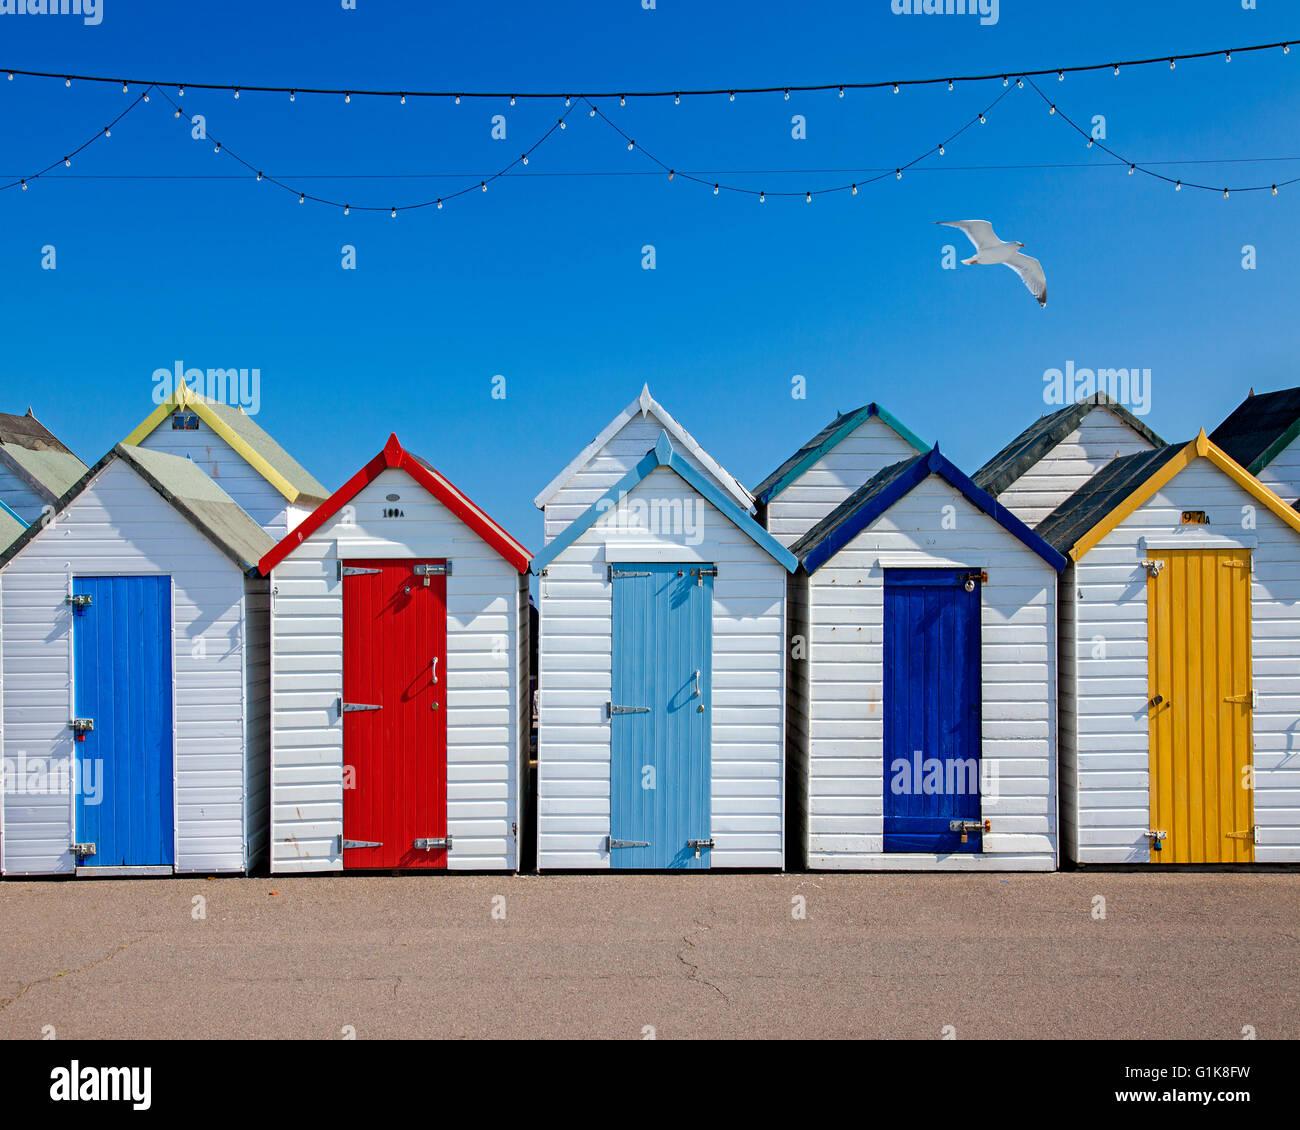 GB - DEVON: Beach Huts at Paignton - Stock Image